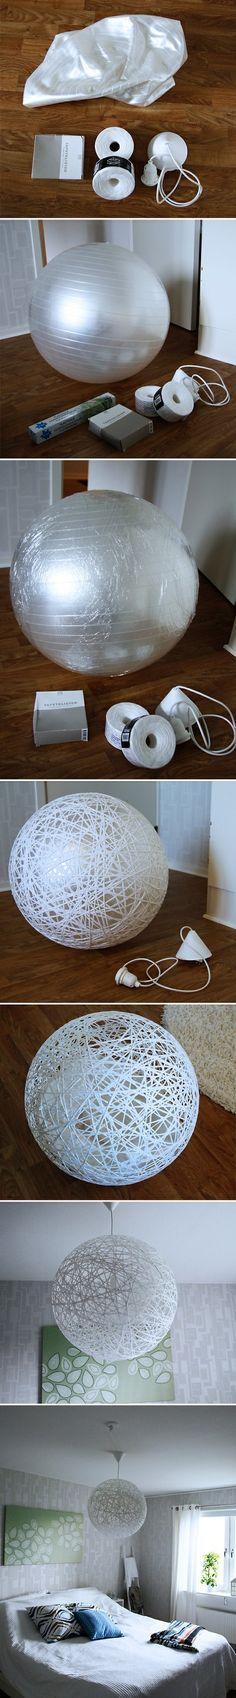 DIY String-Ball Chandelier